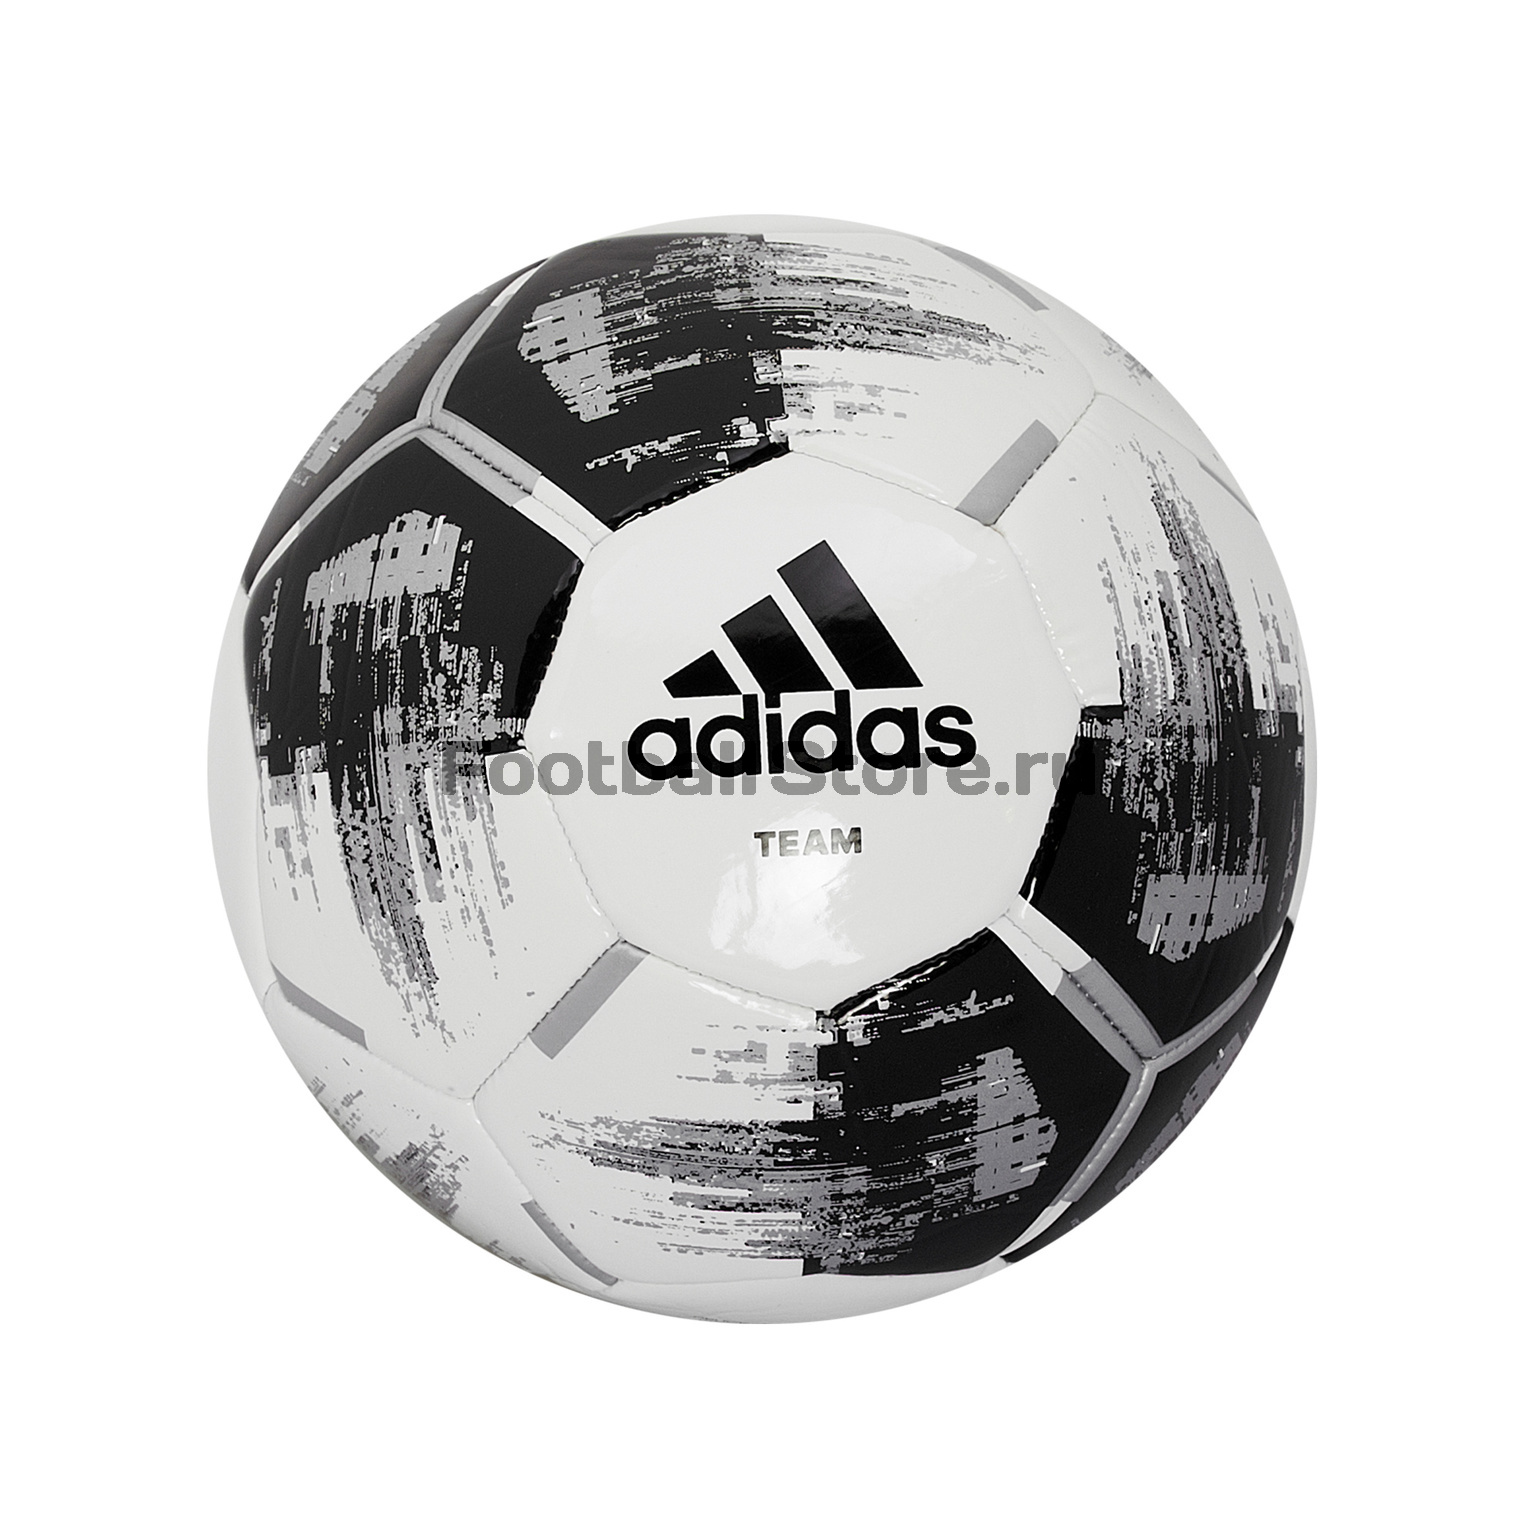 Футбольный мяч Adidas Team Glider CZ2230 цена